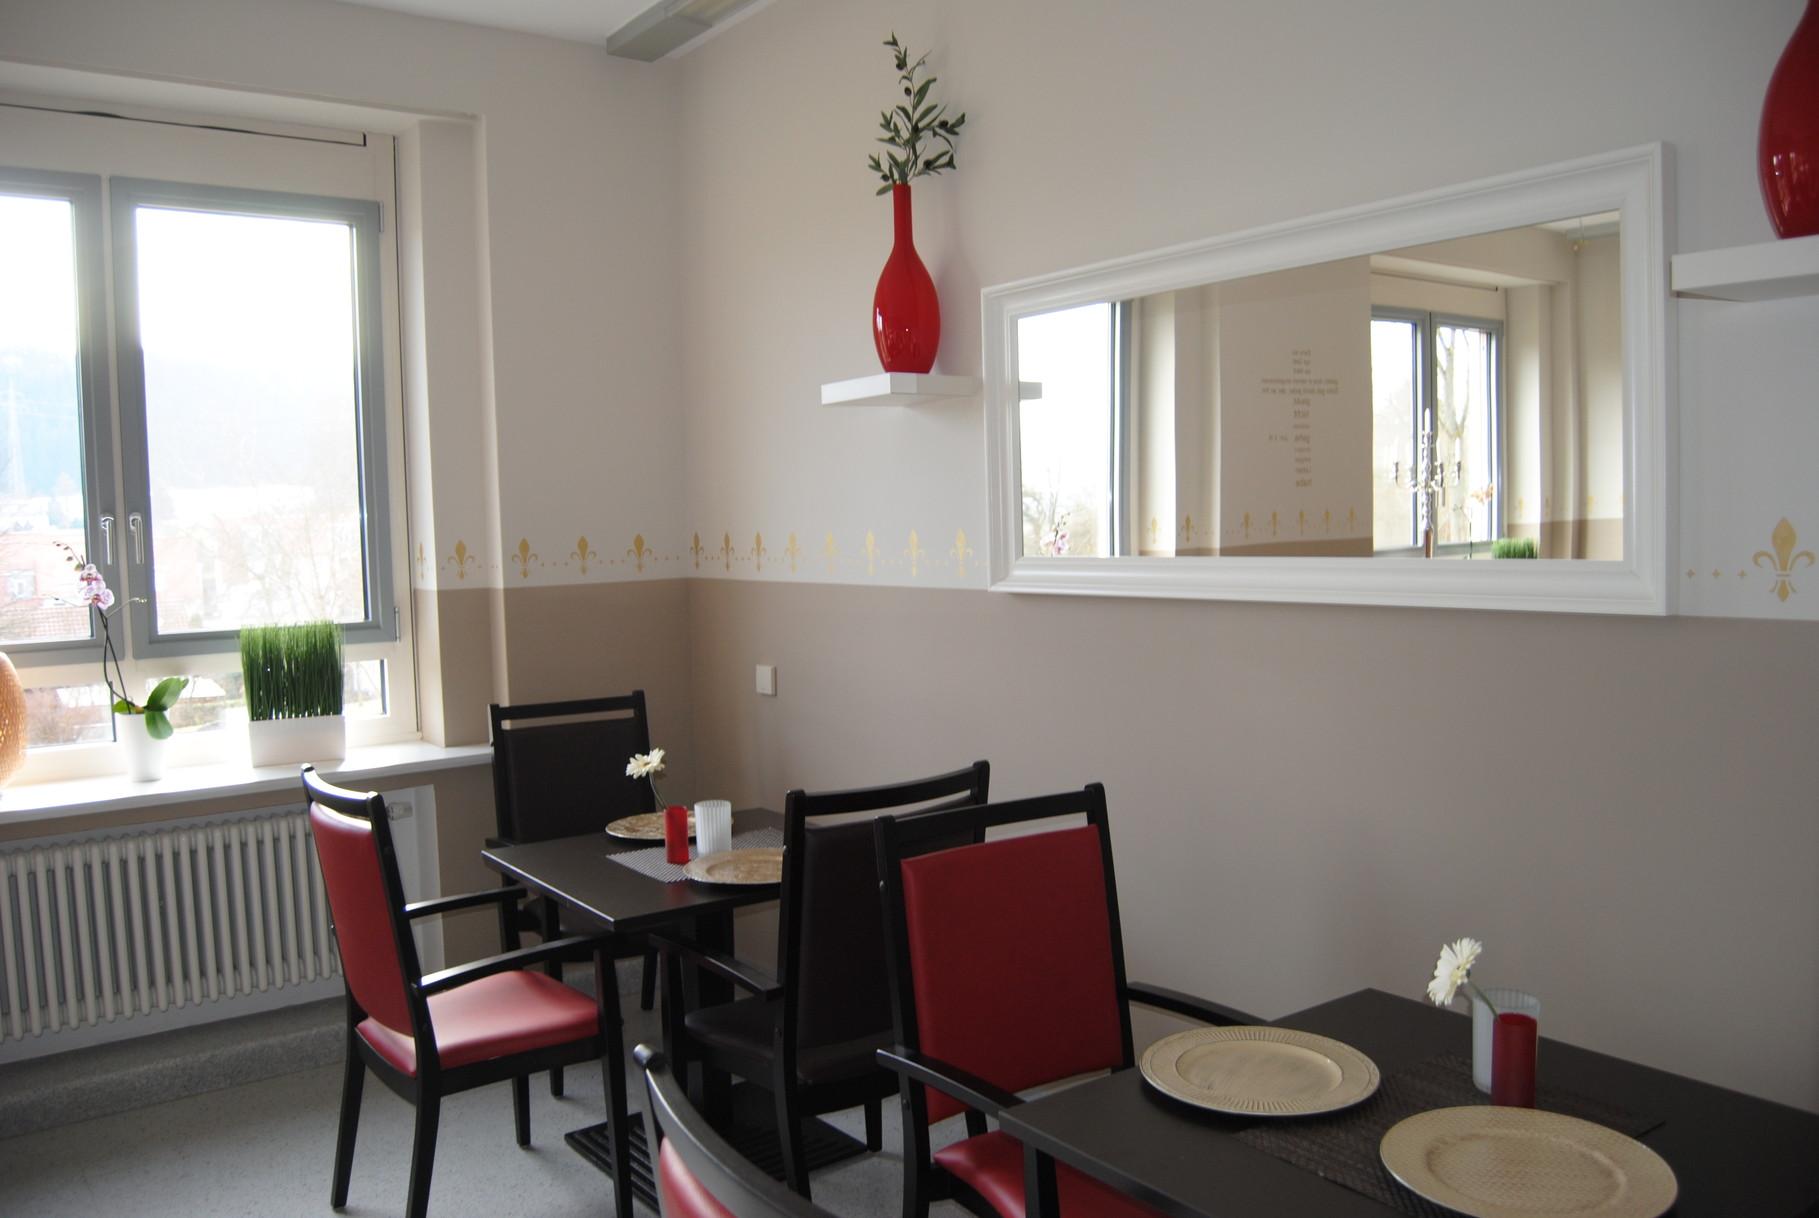 Unser Speisesaal. Wo die Liebe den Tisch deckt, schmeckt das Esssen am besten!